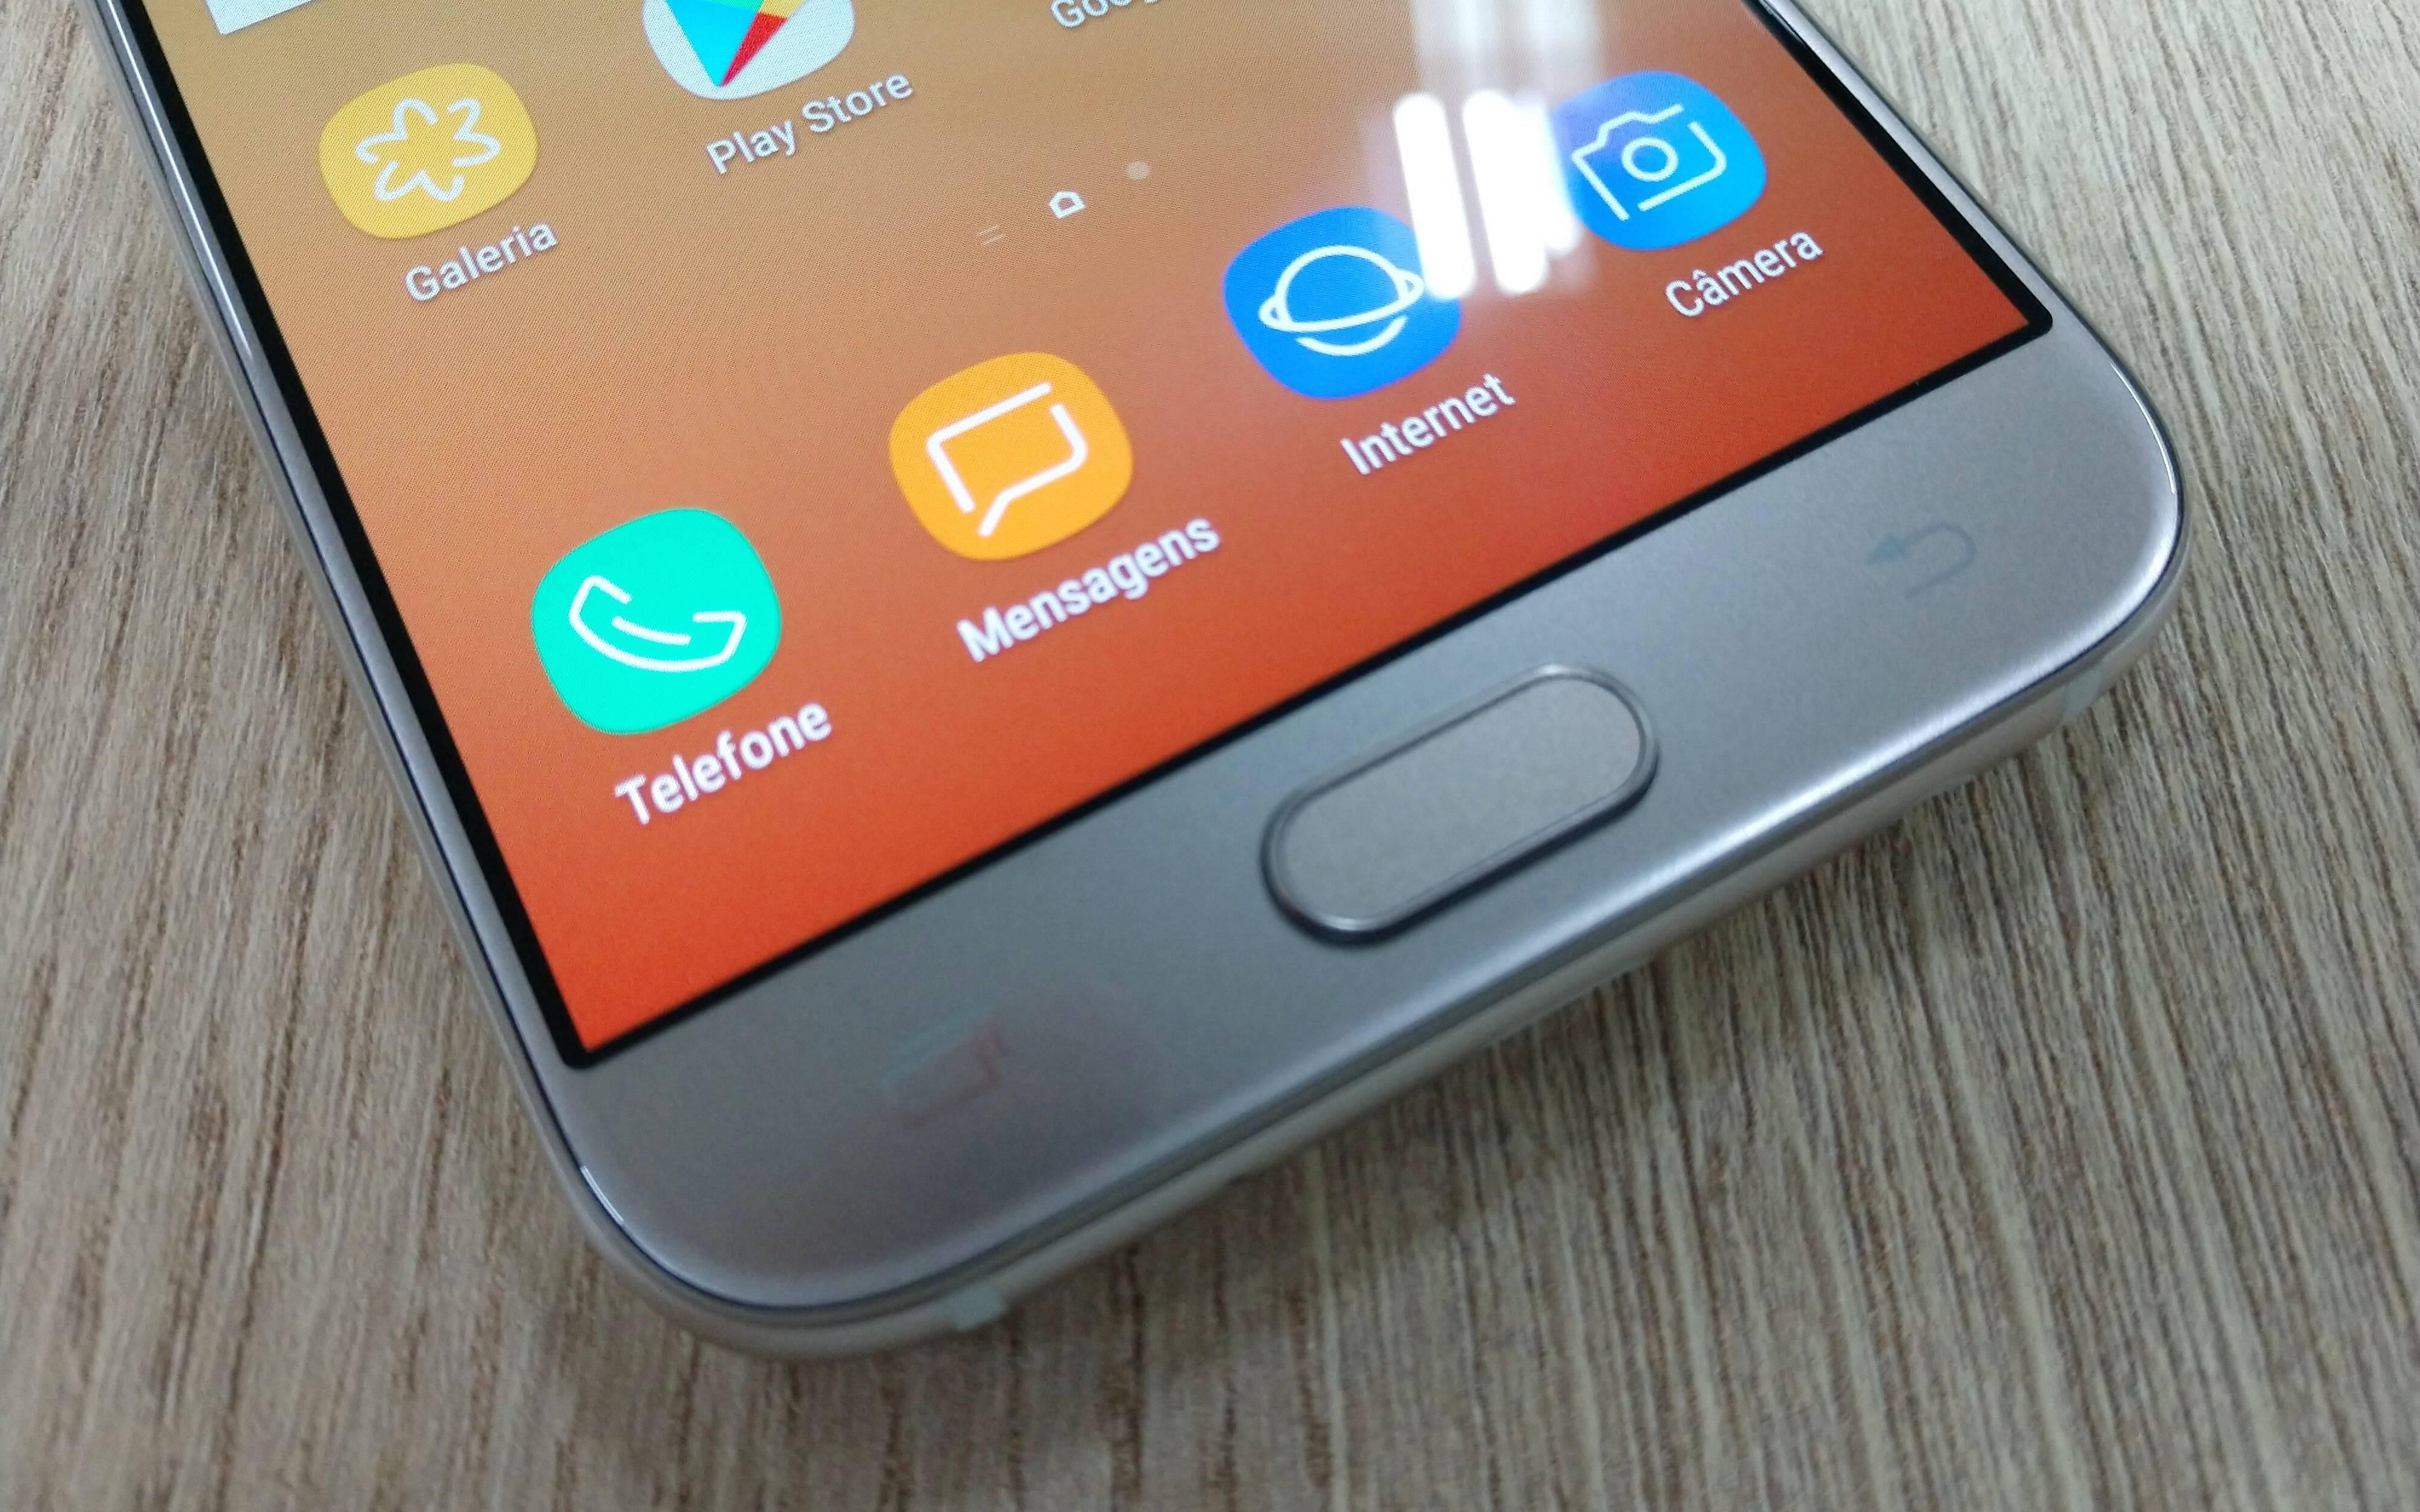 Galaxy J5 Pro oferece leitor de impressão digital para os usuários. Foto: Victor Hugo Silva/Brasil Econômico